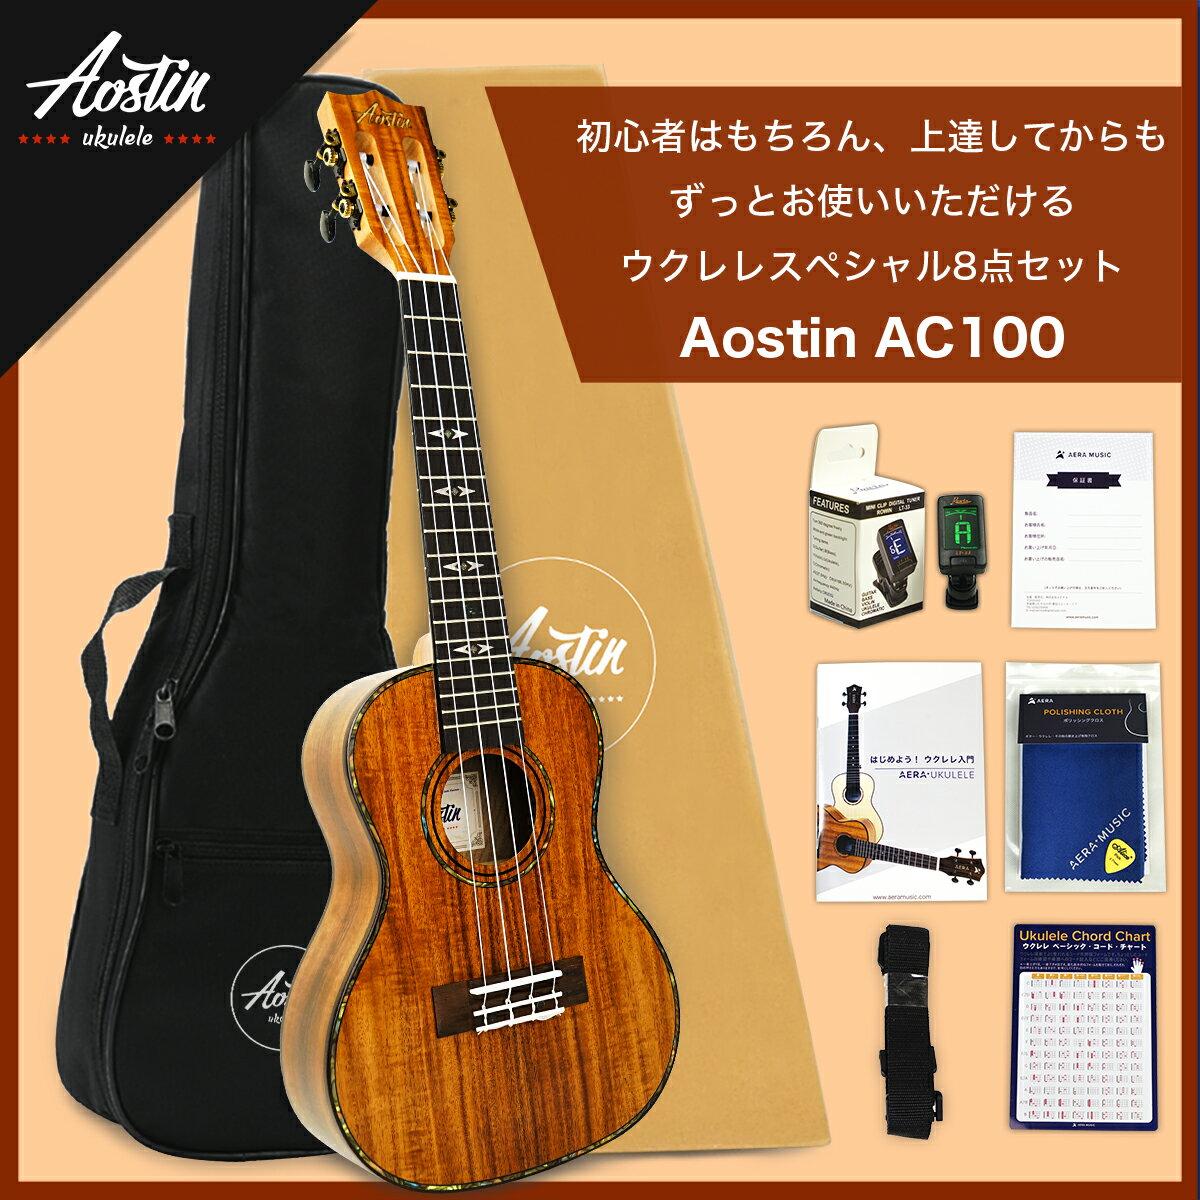 Aostin オースティン AC100 ウクレレ コンサートサイズ ハワイアンコア スロテッドヘッド(国内保証書・チューナー・教則本・コードチャート・ピック・ストラップ・ポリシングクロース・ソフトケース)